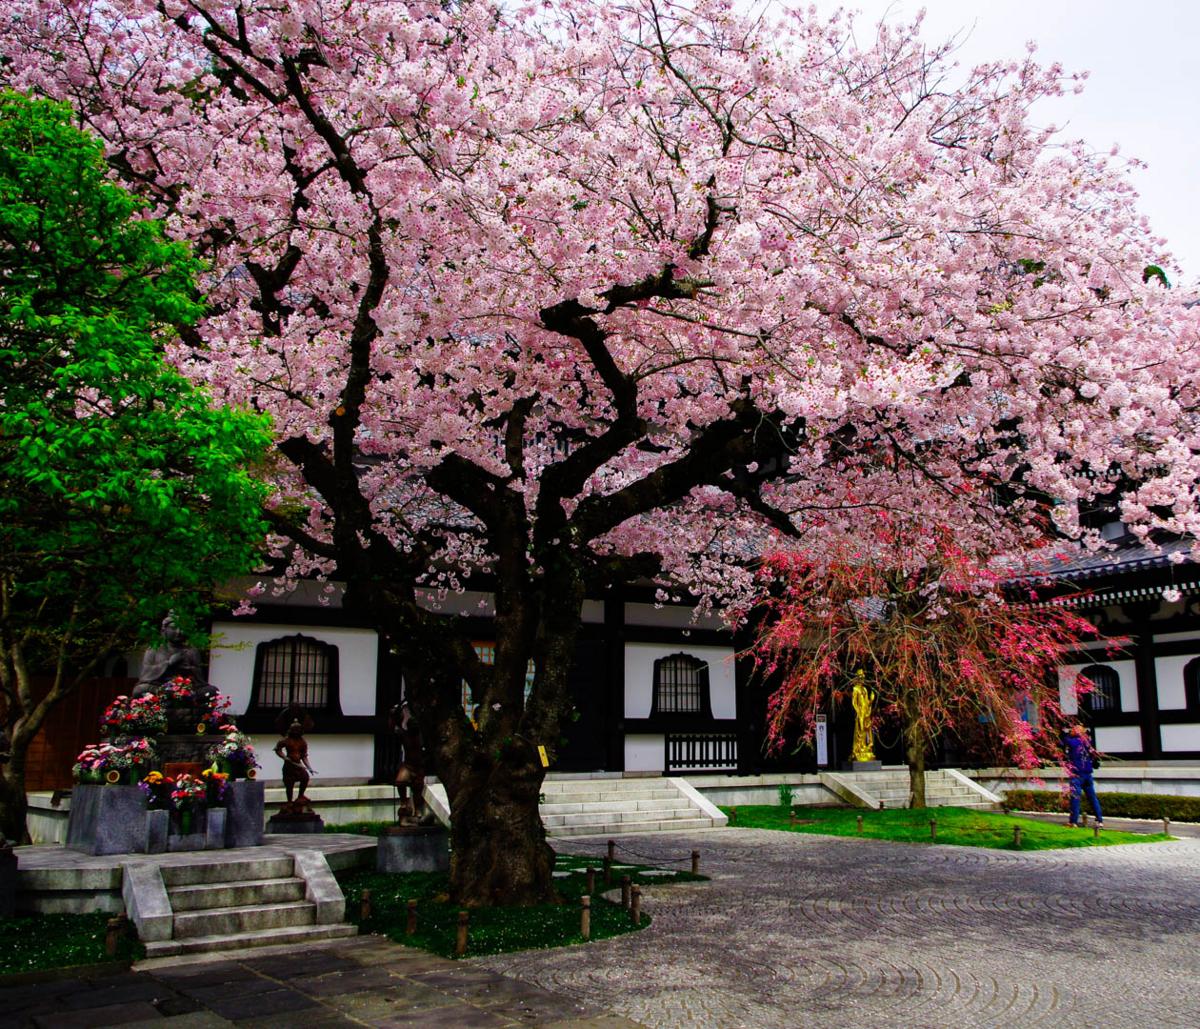 長谷寺と桜。桜の樹の下に桃色の空が広がる。満開でした。